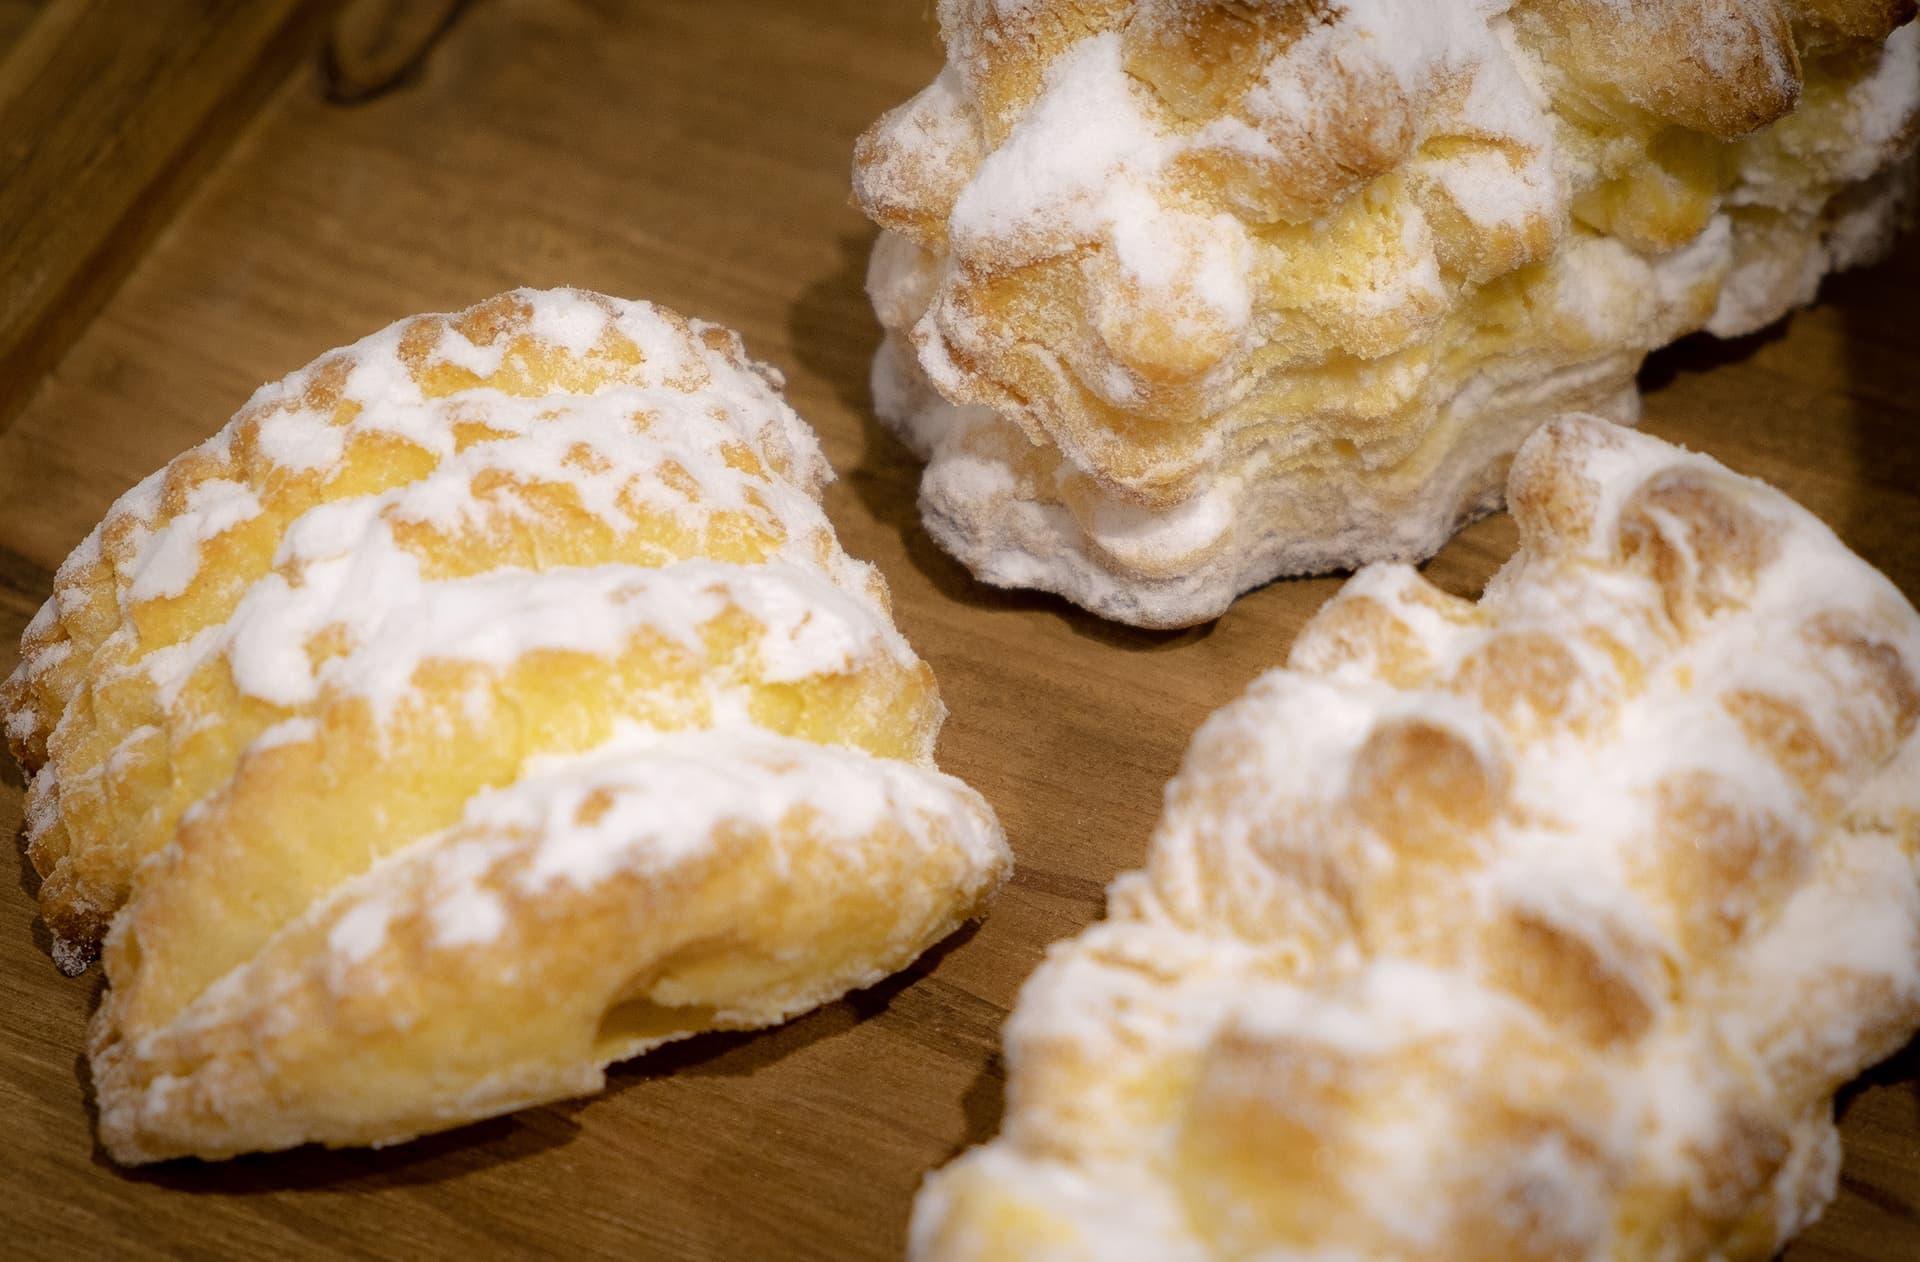 Mantequilla, huevos, harina, azúcar y mucho cariño  son los ingredientes de los nicanores de Boñar